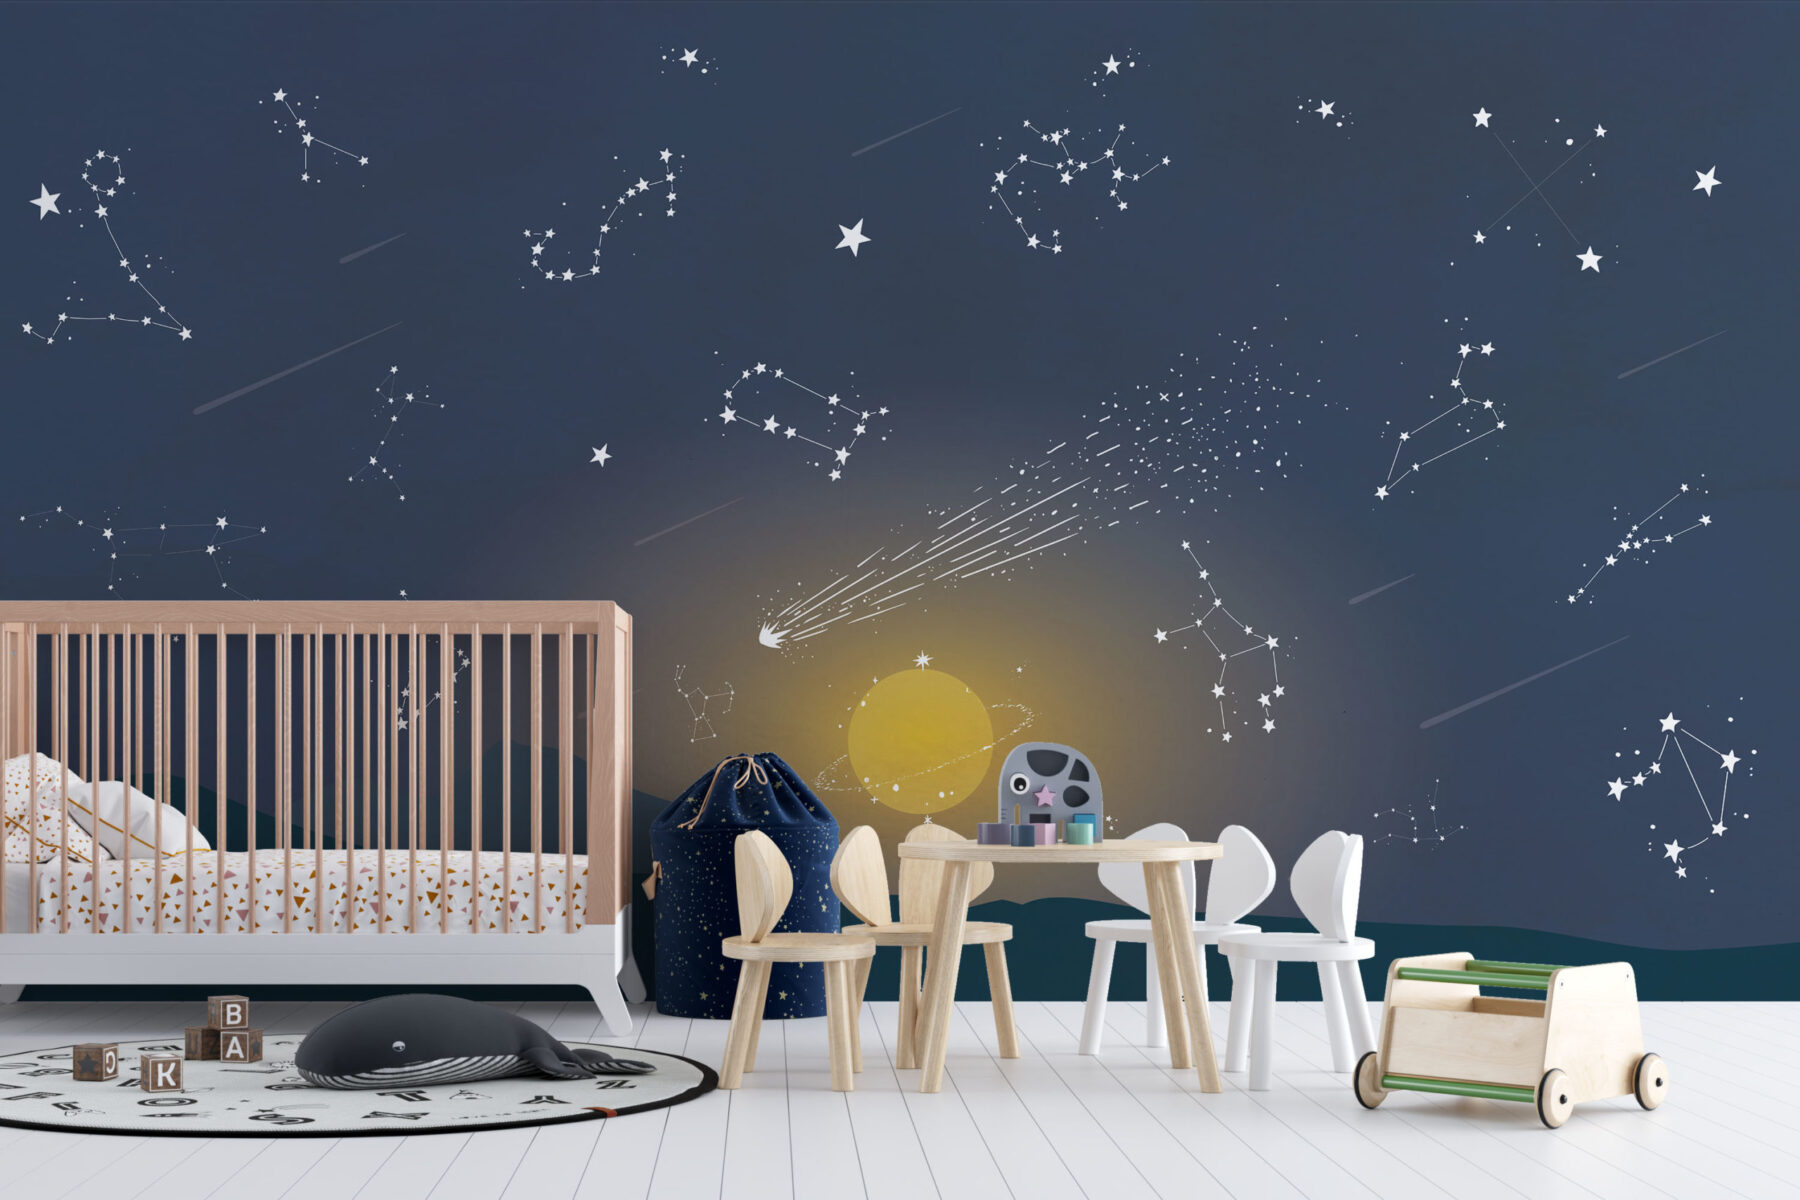 Behang met sterrenbeelden - Sterren behang ~ Walloha.com